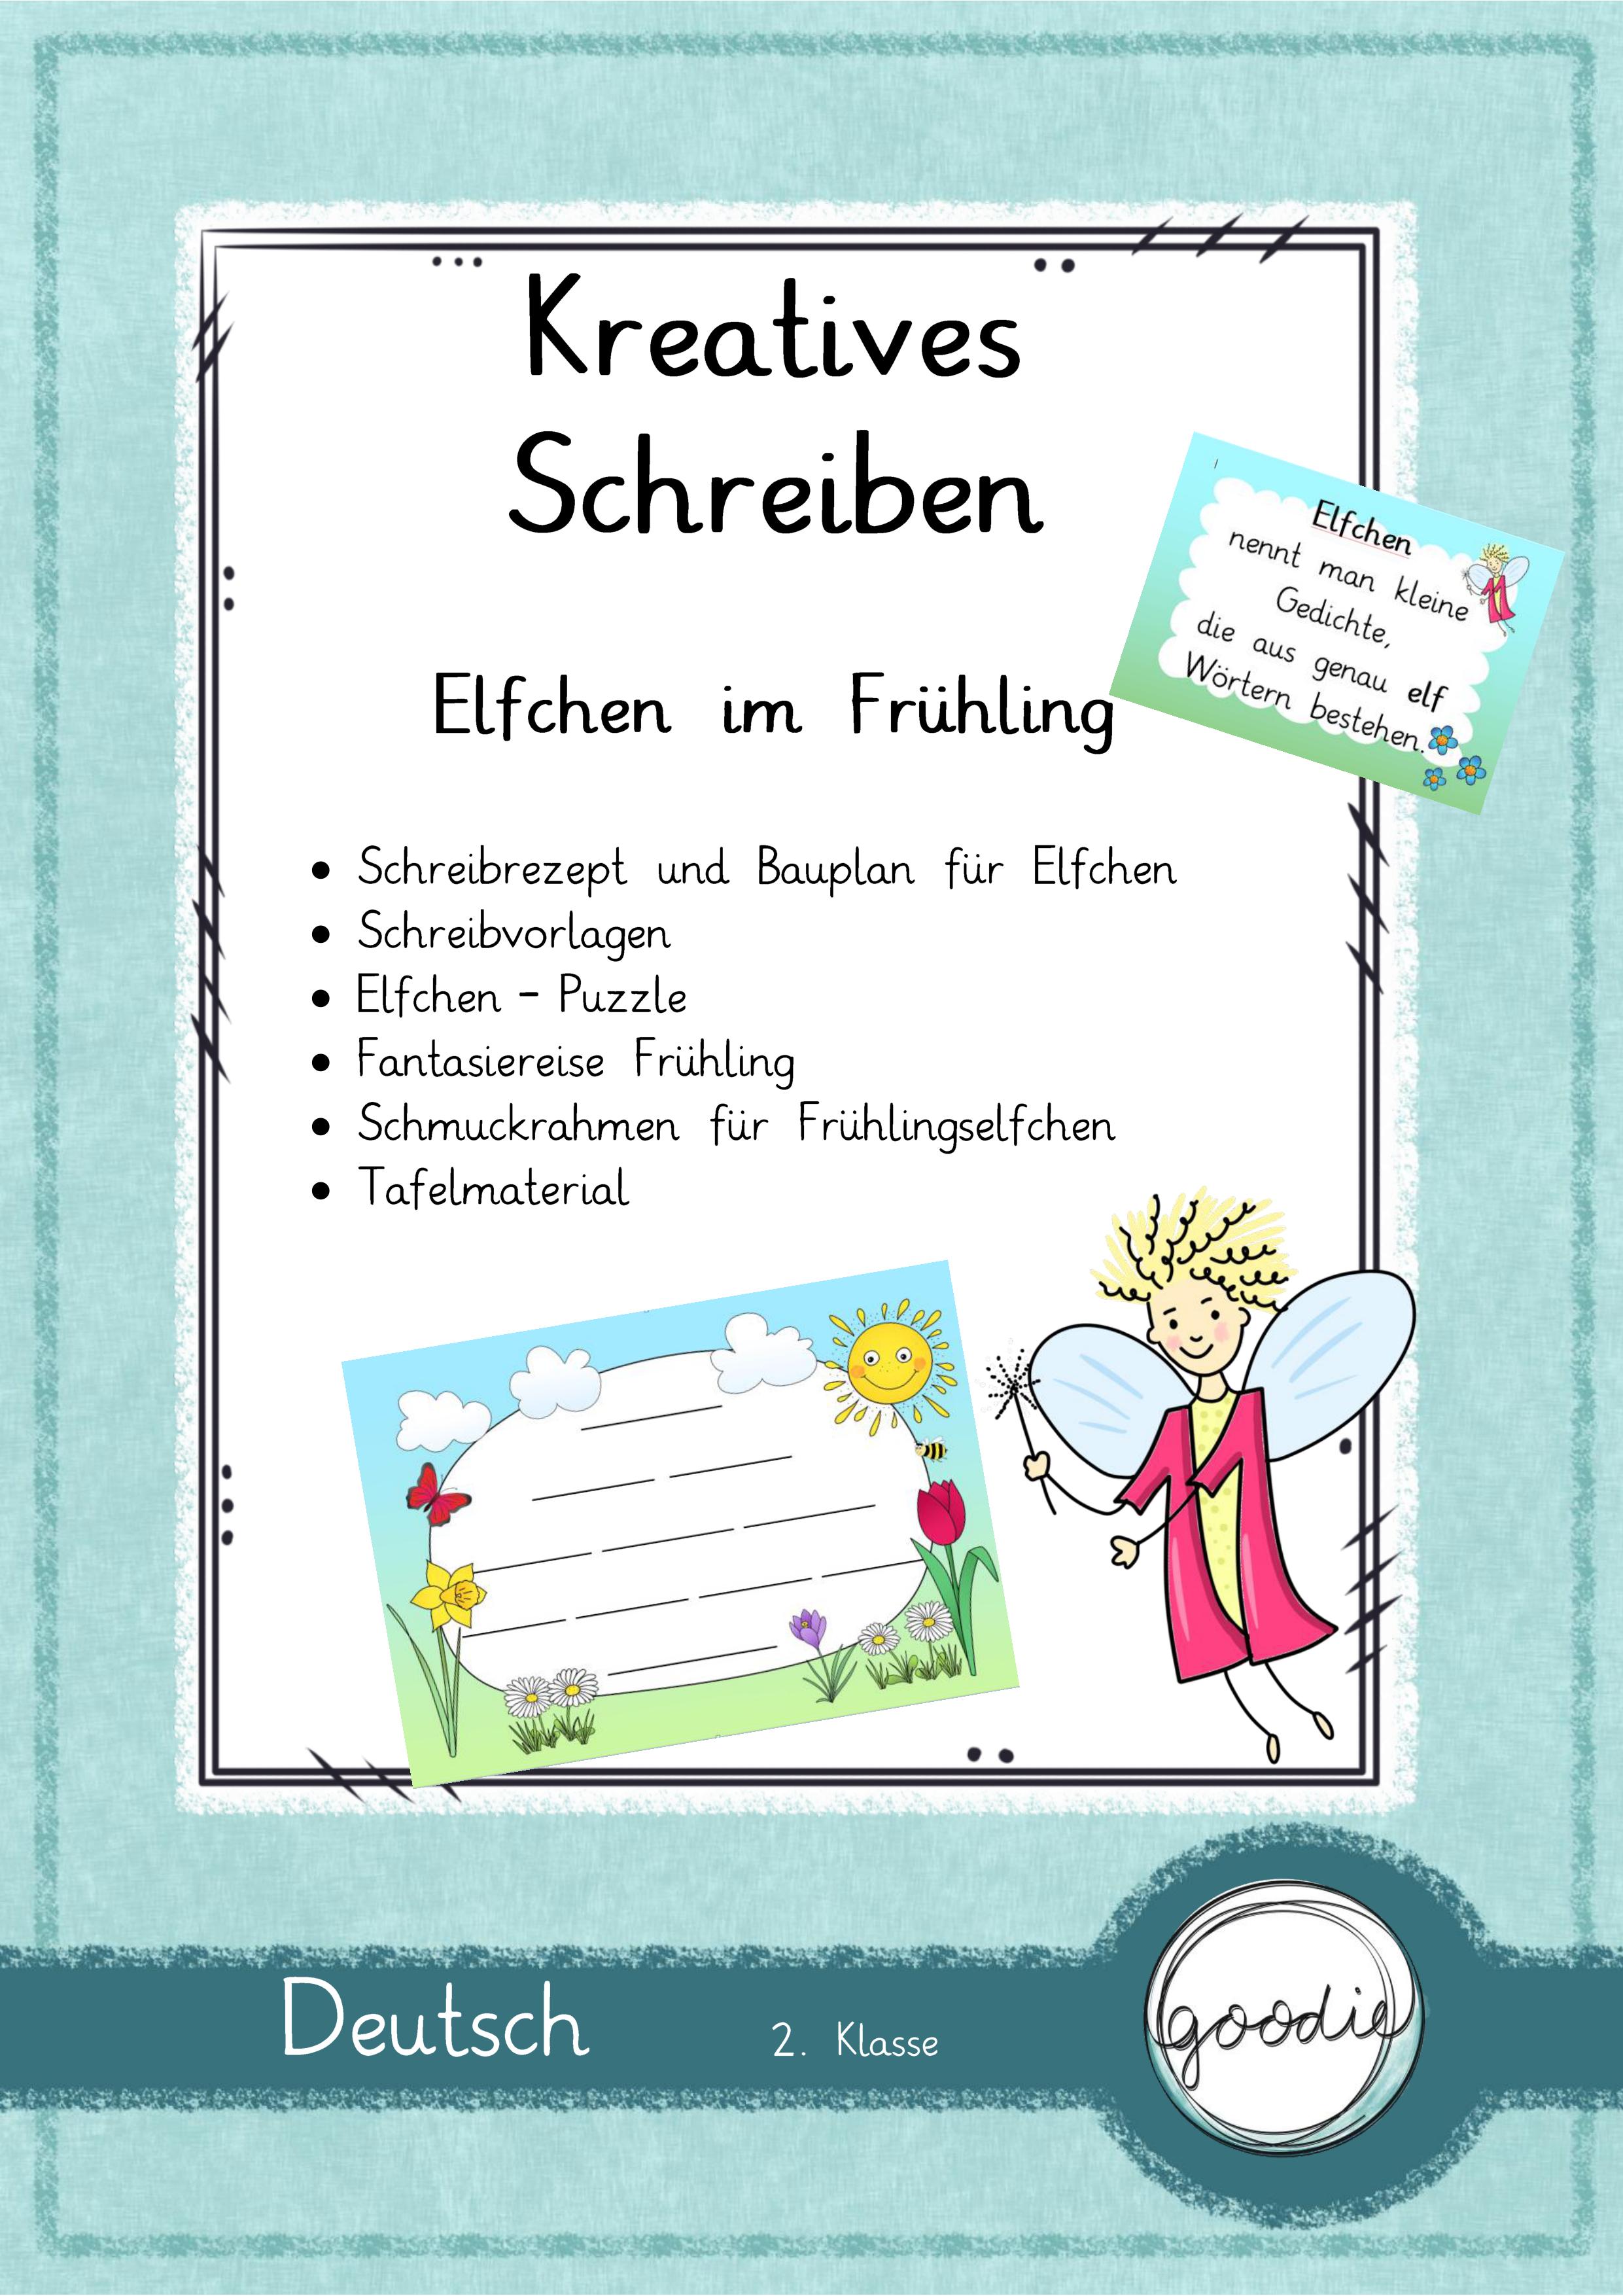 Kreatives Schreiben Elfchen Im Fruhling Unterrichtsmaterial In Den Fachern Deutsch Englisch Fachubergreifendes Elfchen Kreatives Schreiben Schreiben